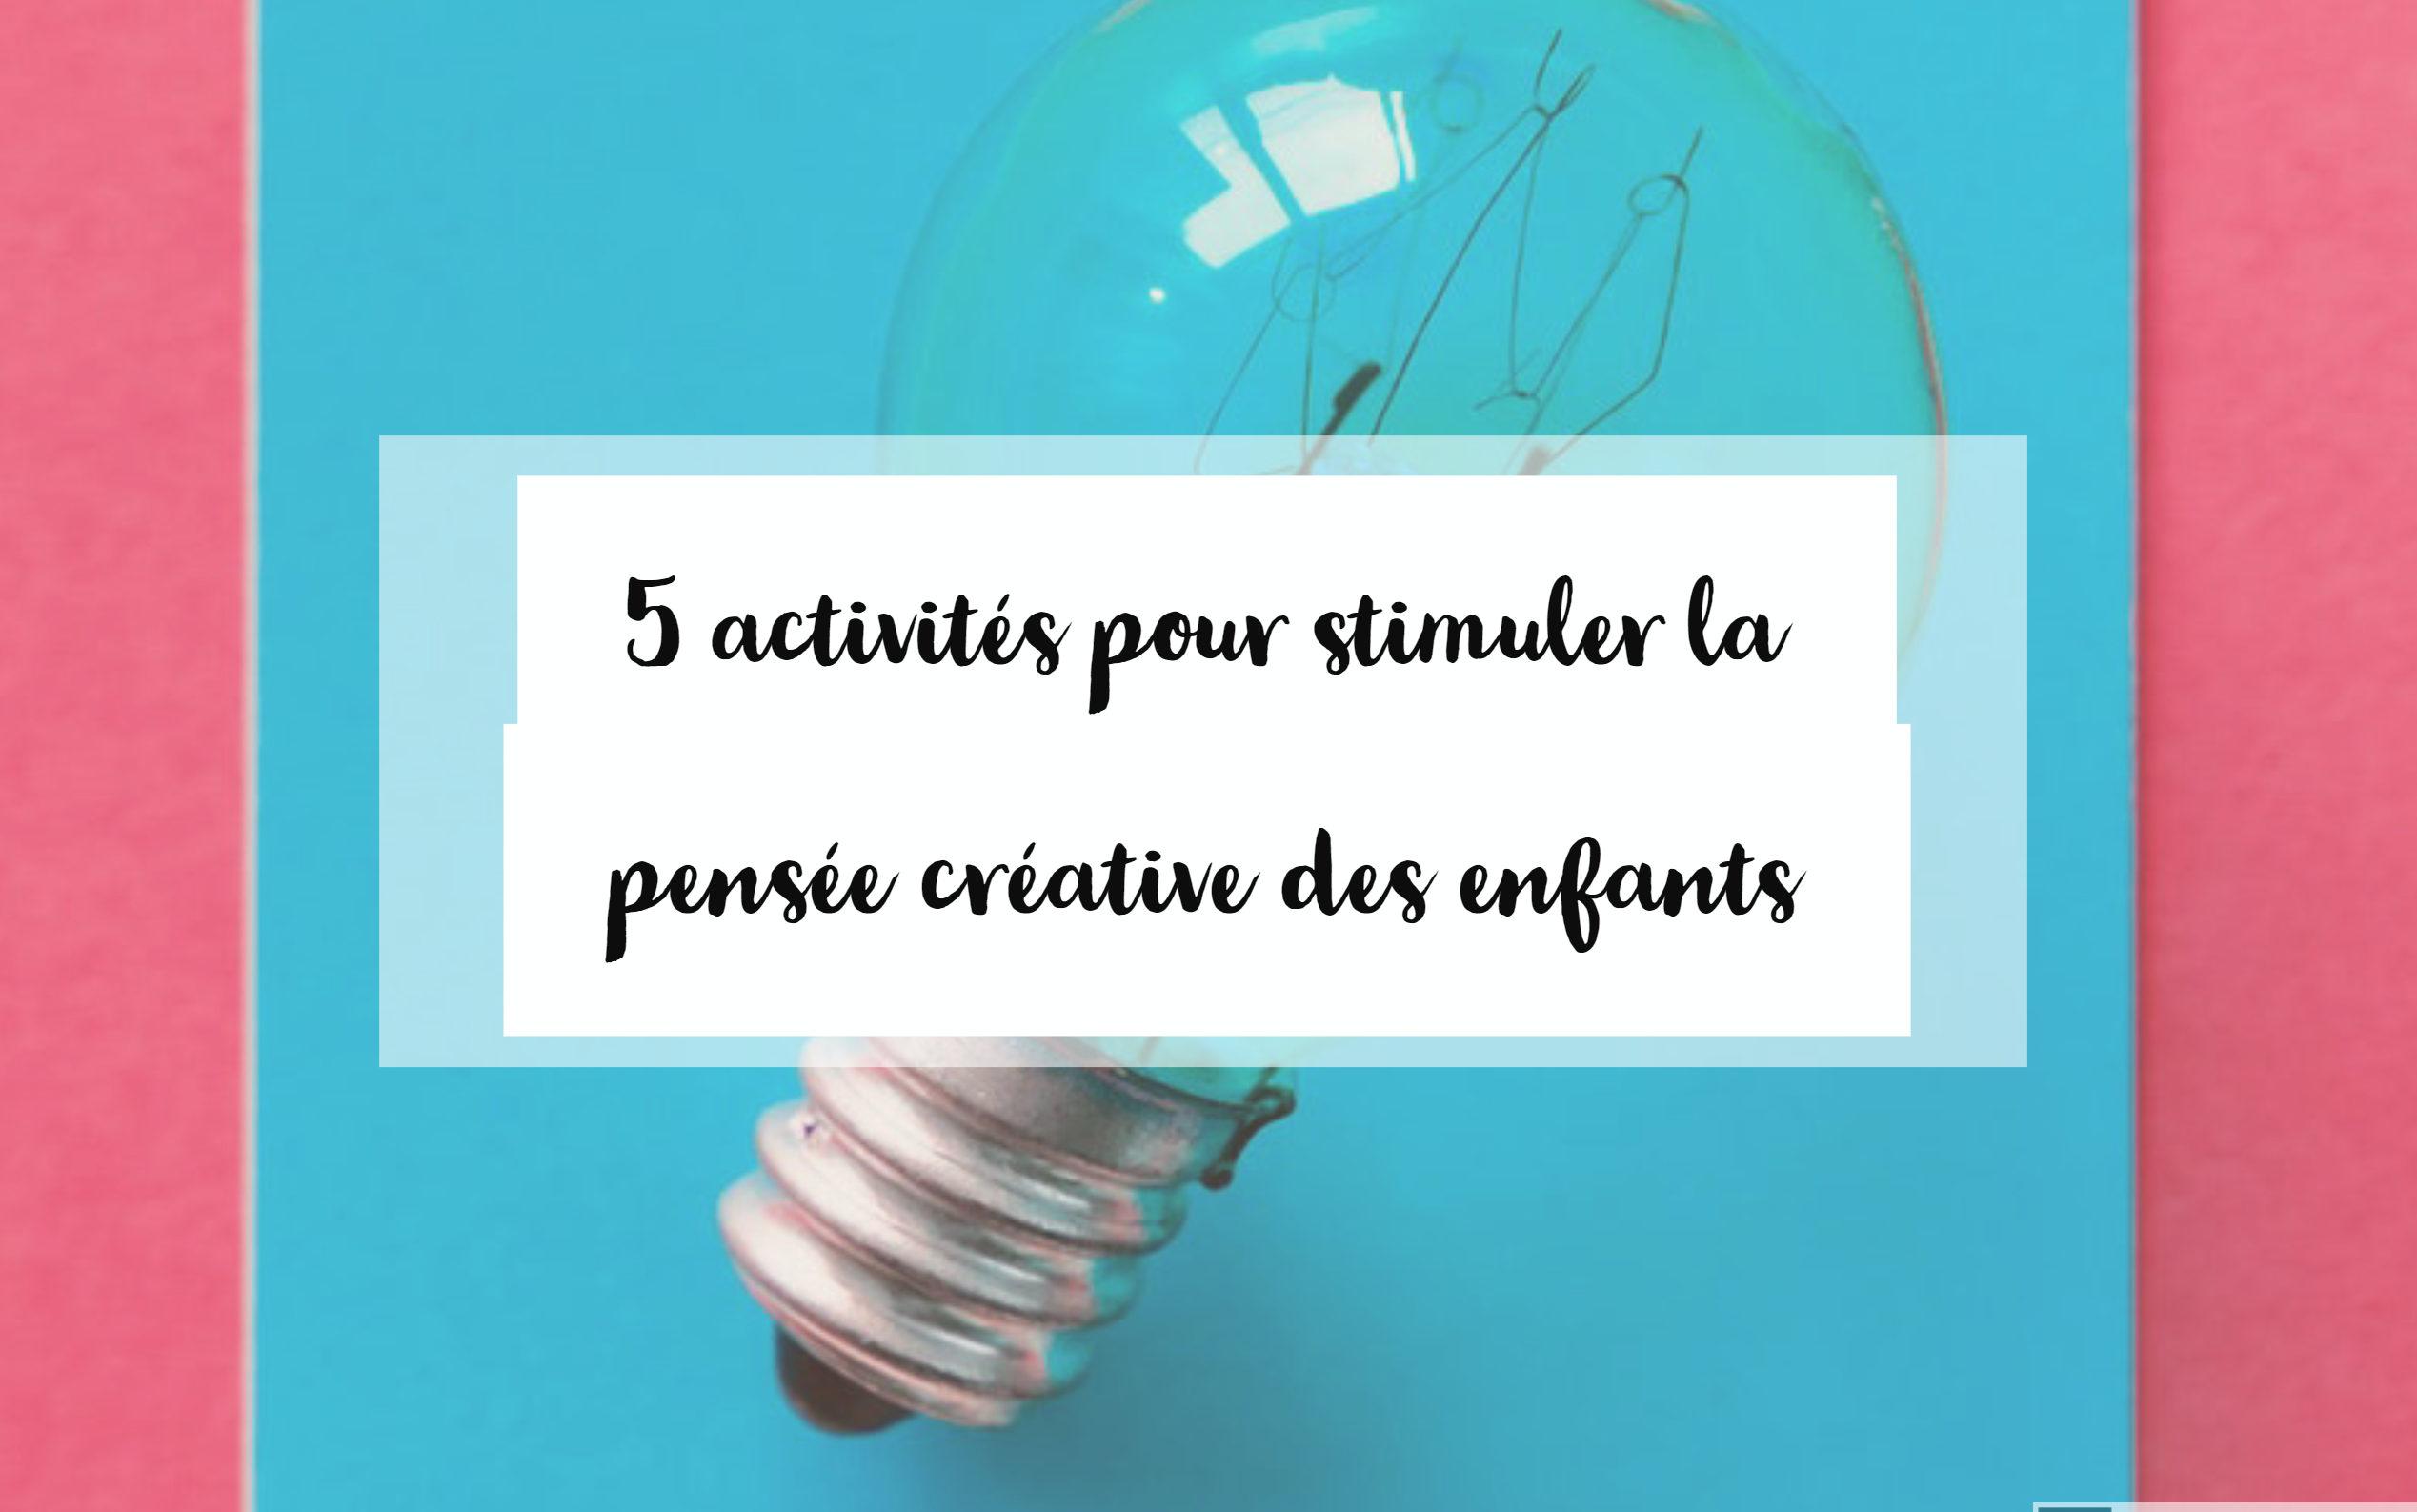 stimuler la pensée créative des enfants